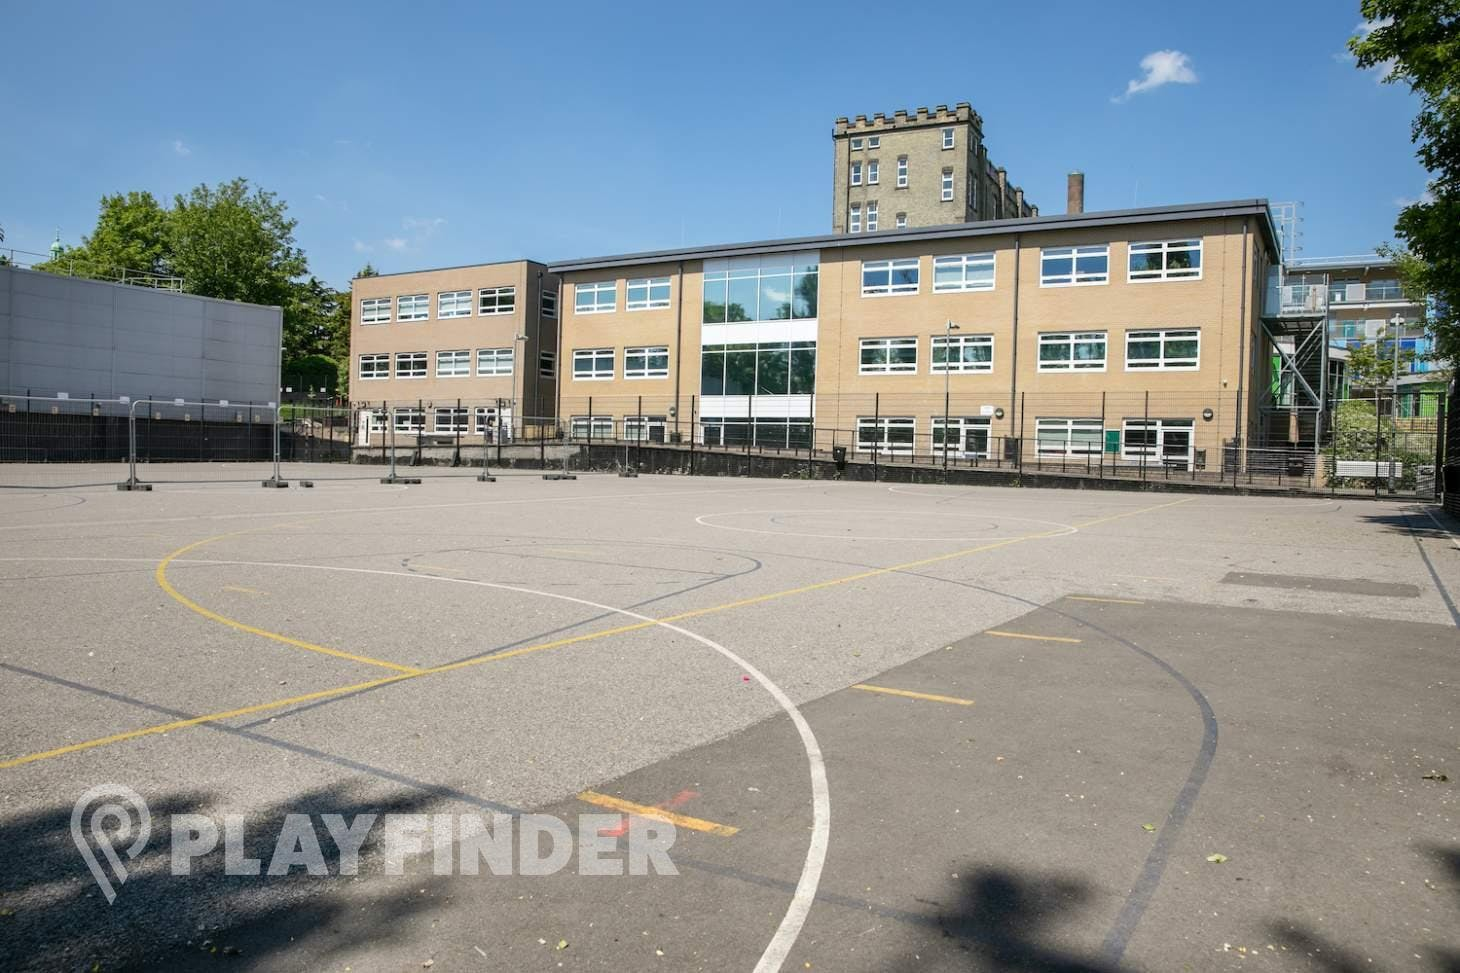 St Aloysius' College Court   Hard (macadam) tennis court